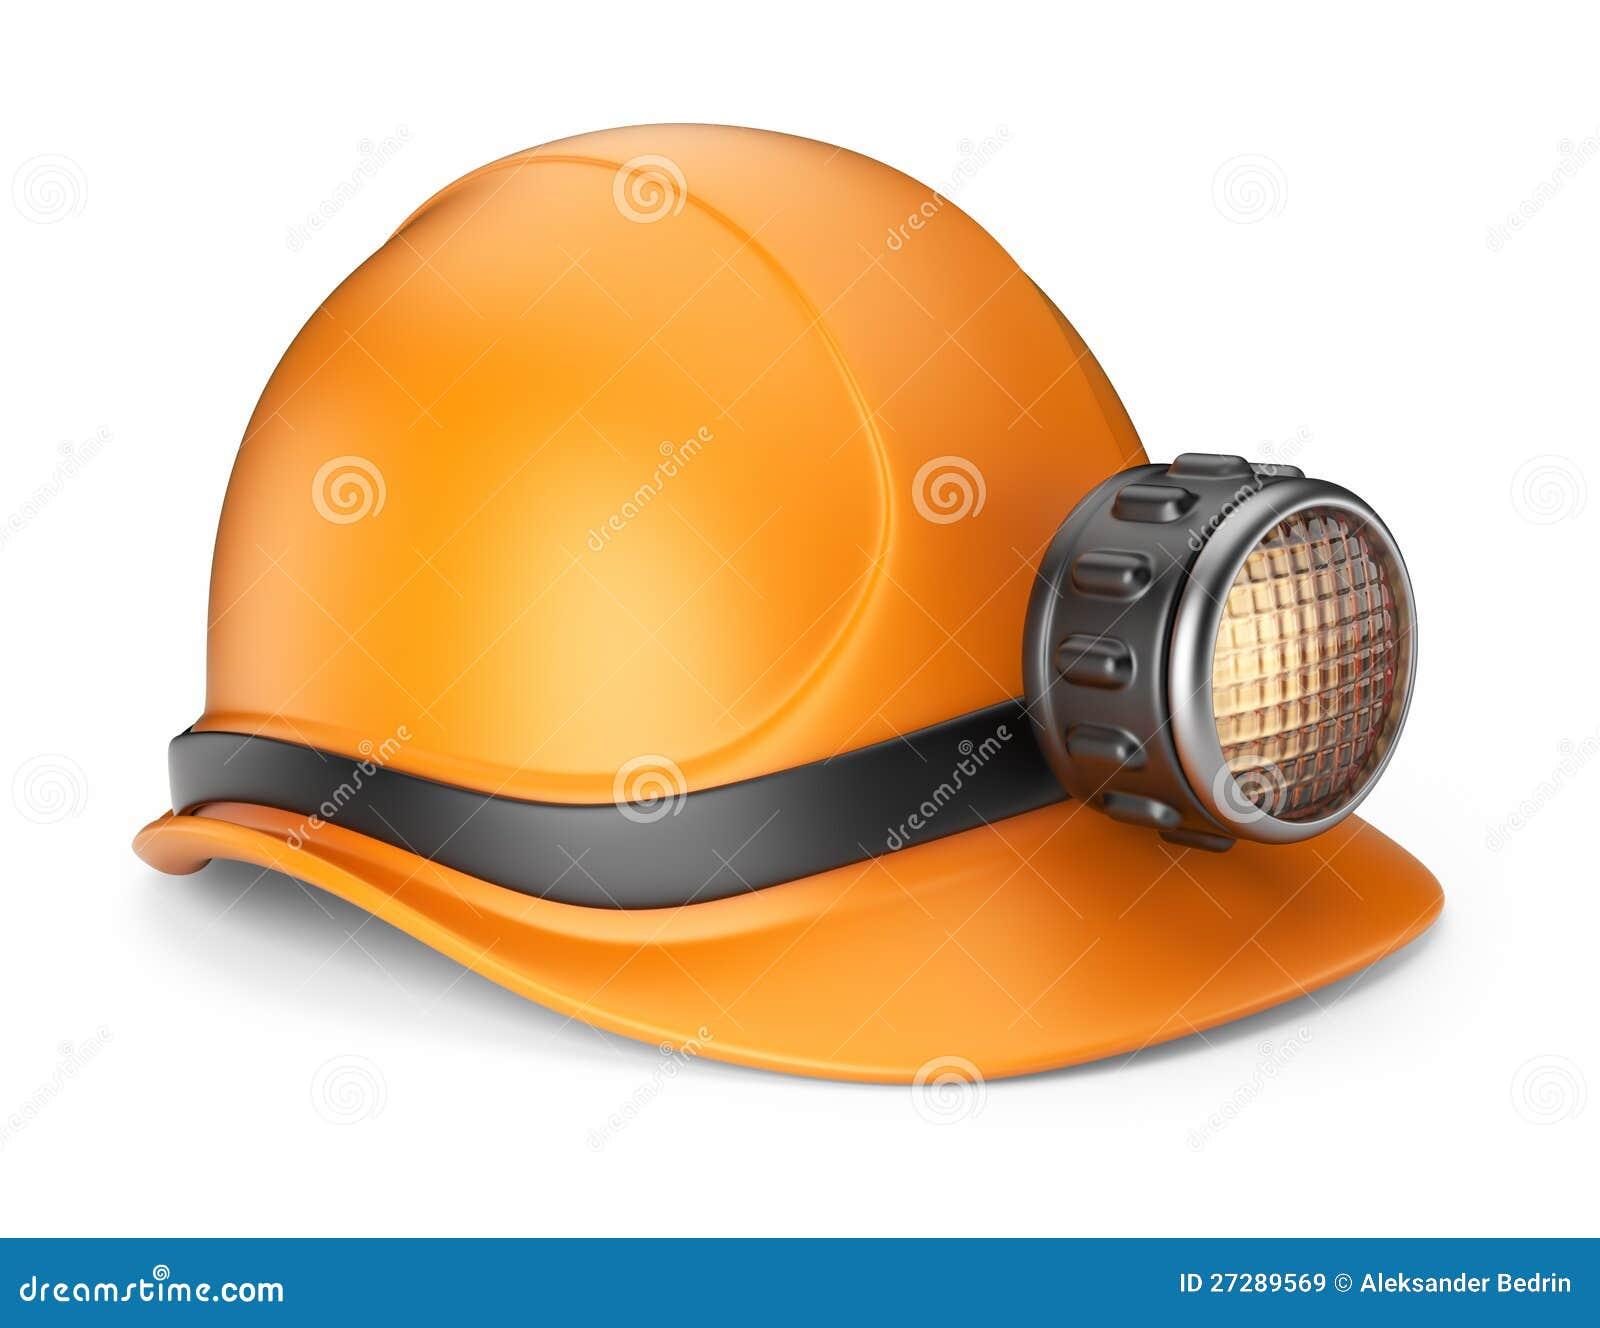 3Д шахтерский шлем с лампочкой - Стоковое фото #13931776.  Google+.